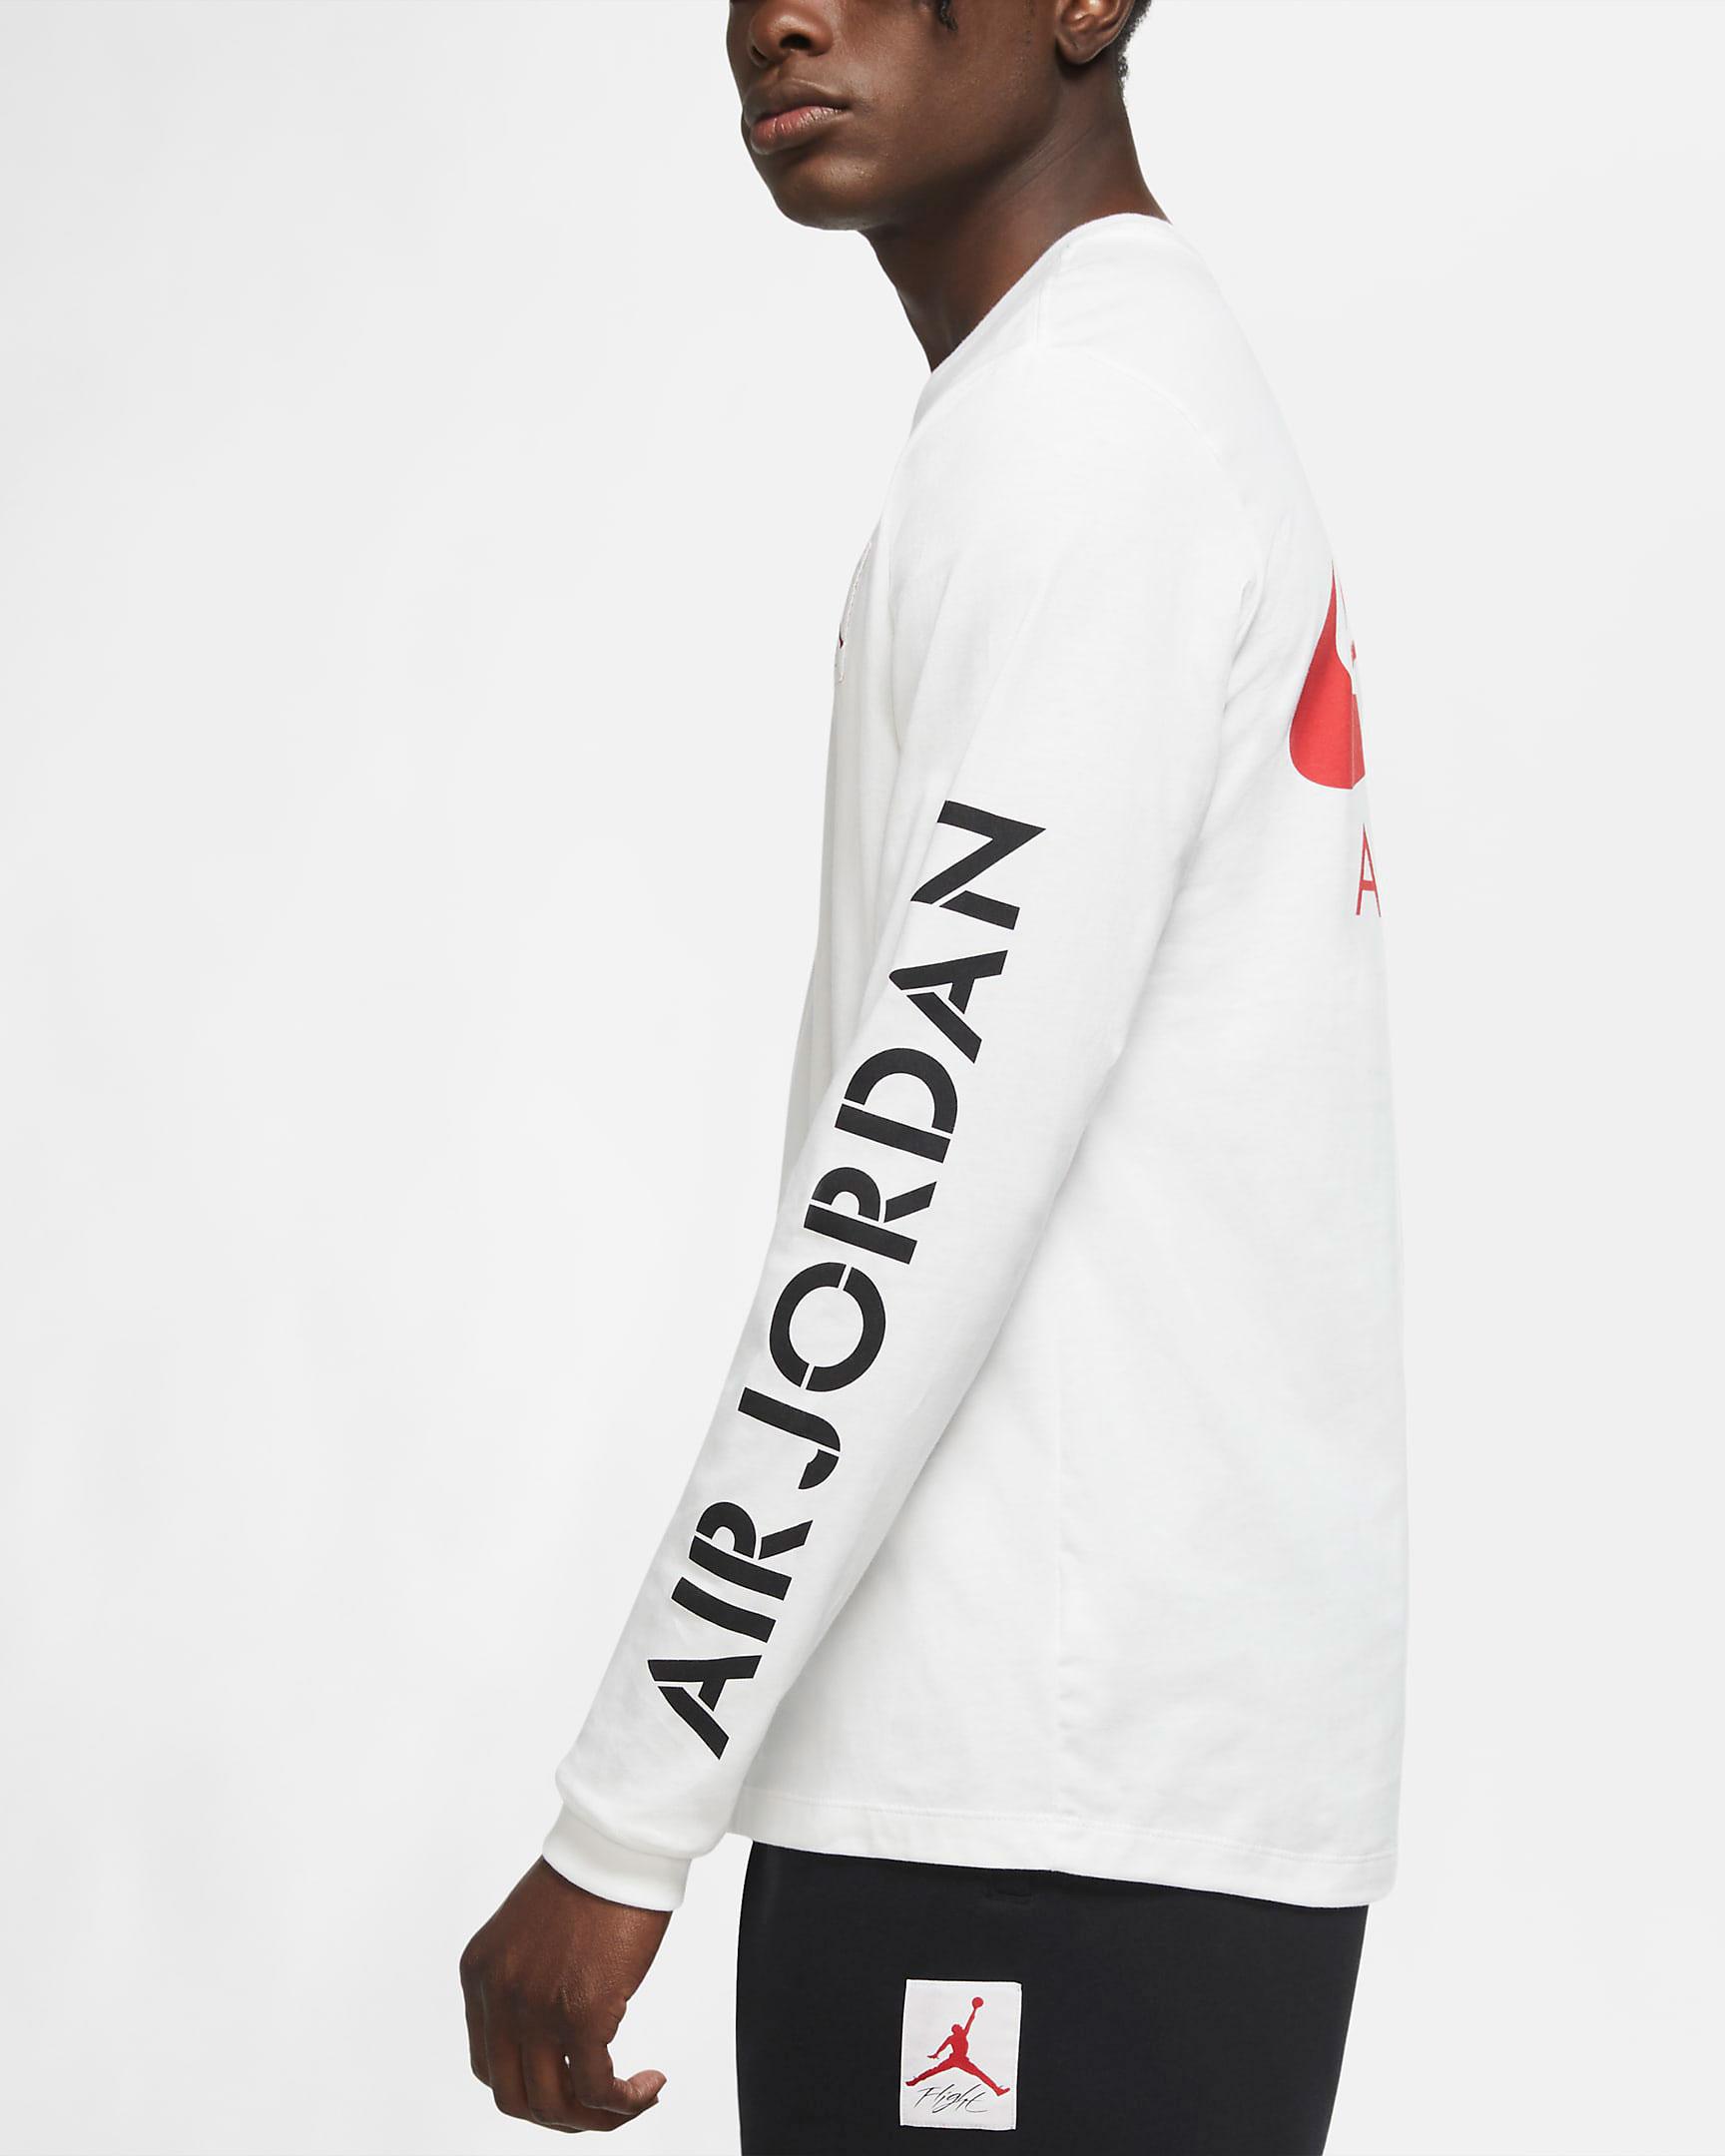 air-jordan-4-fire-red-2020-long-sleeve-shirt-2